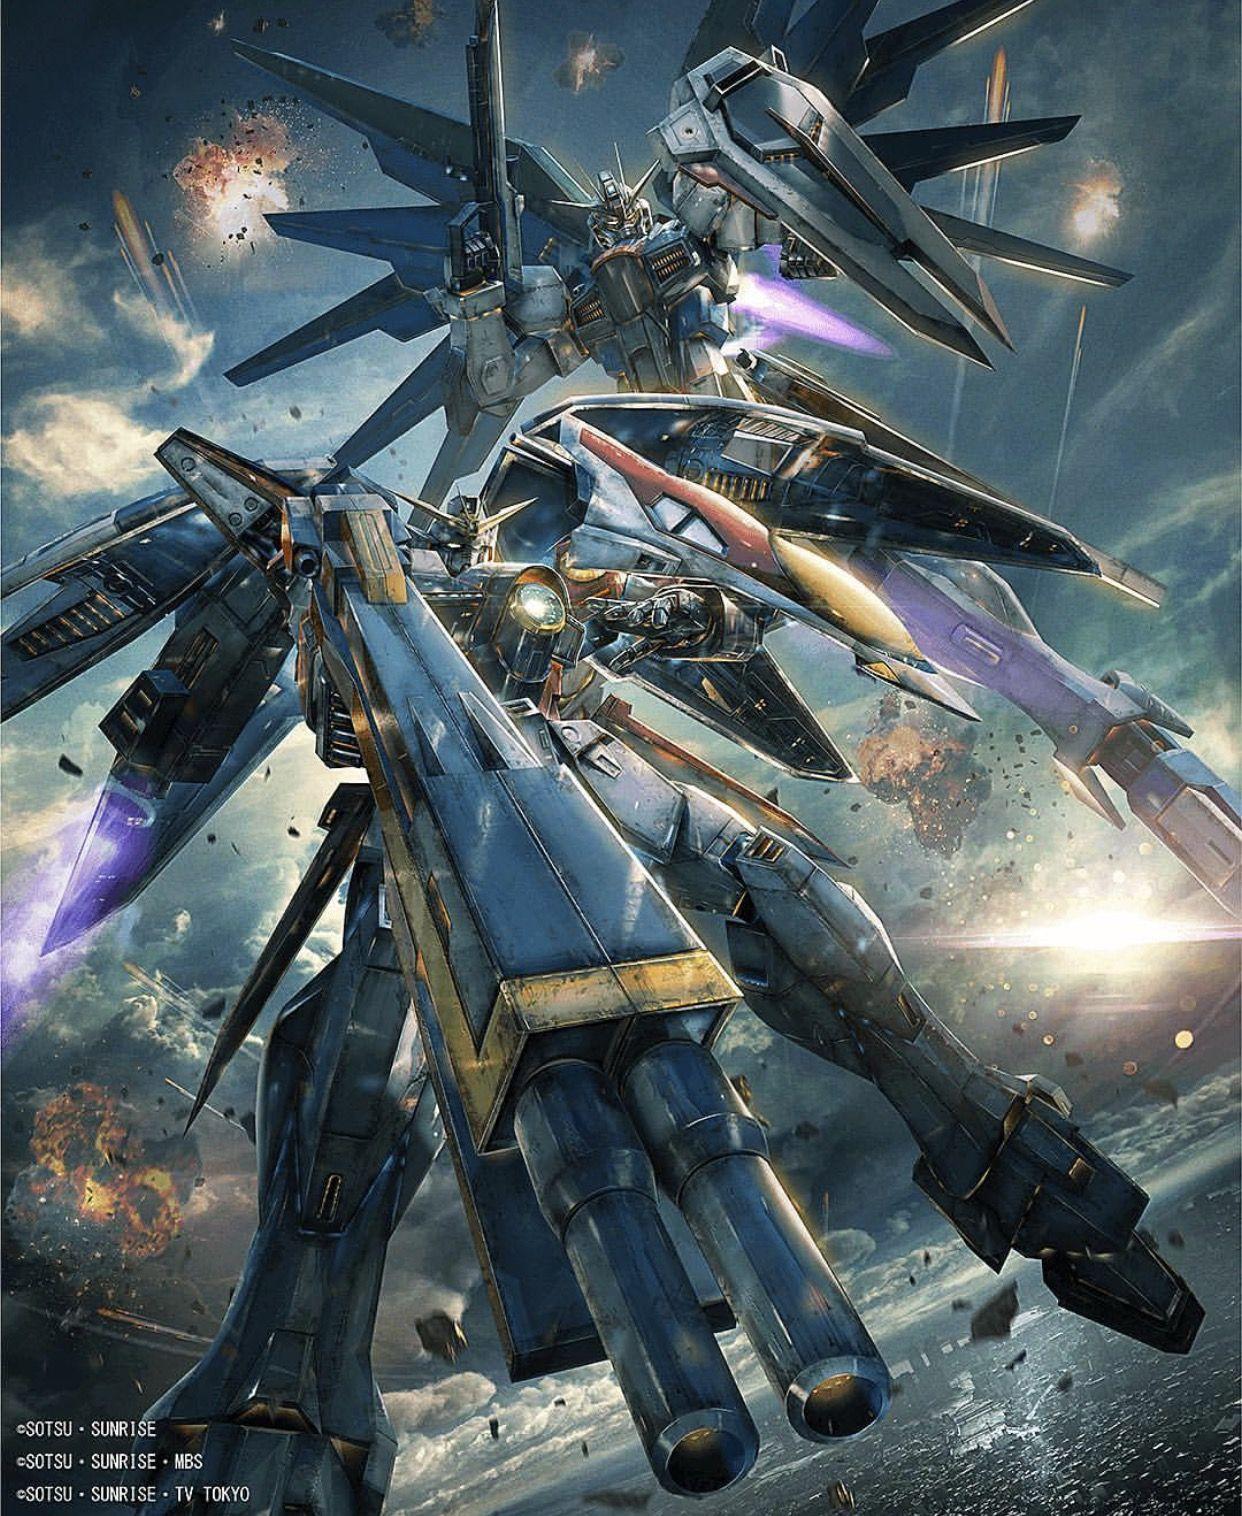 Wing Gundam Zero And Strike Freedom Gundam Gundam Wallpapers